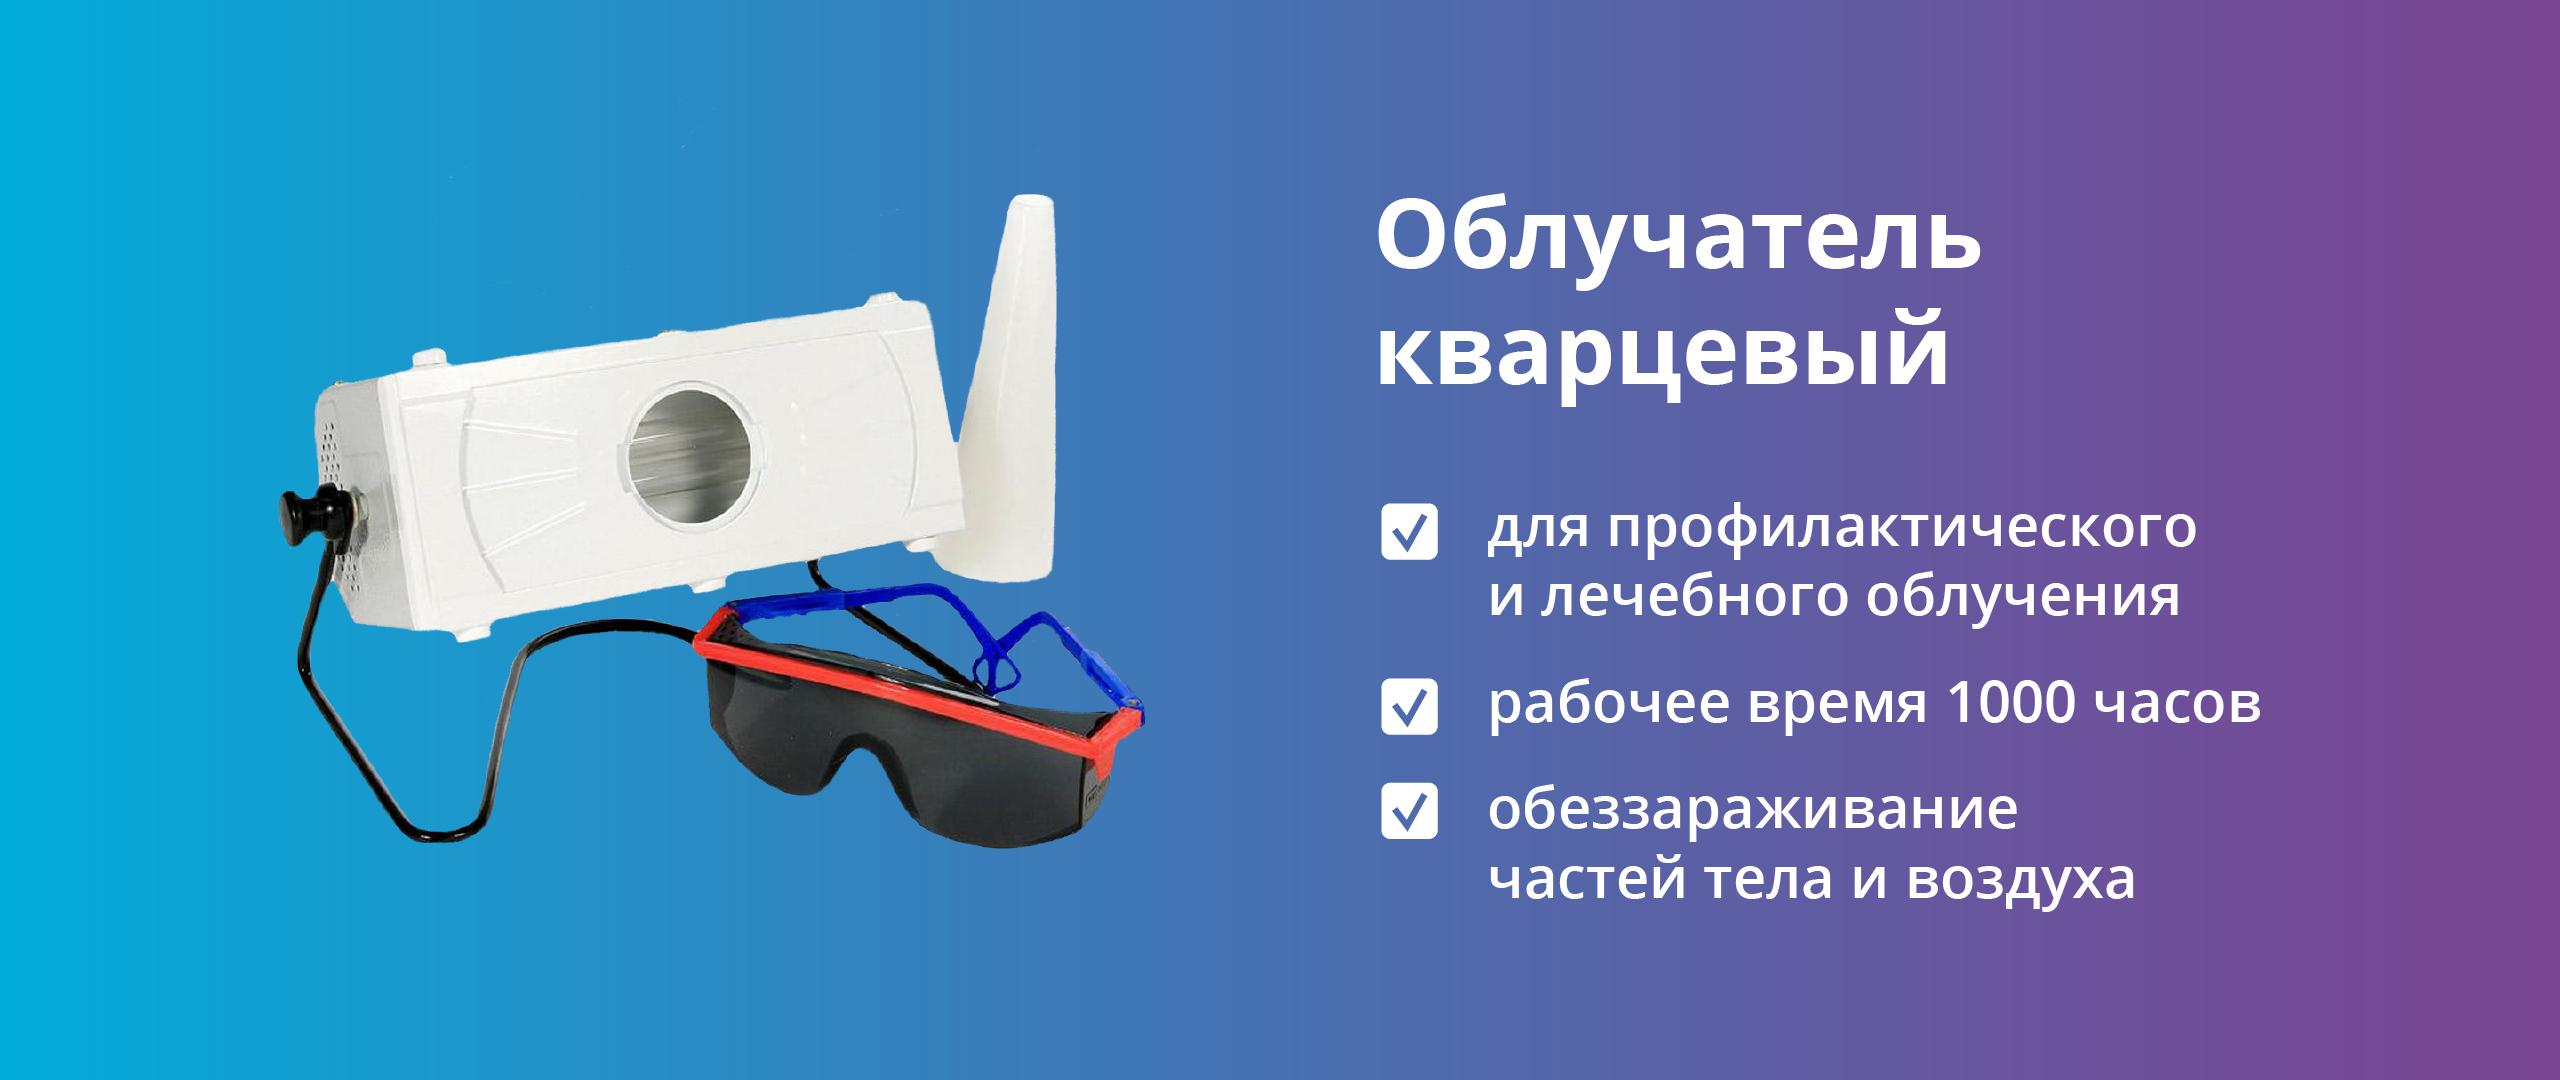 Montazhnaya_oblast_2